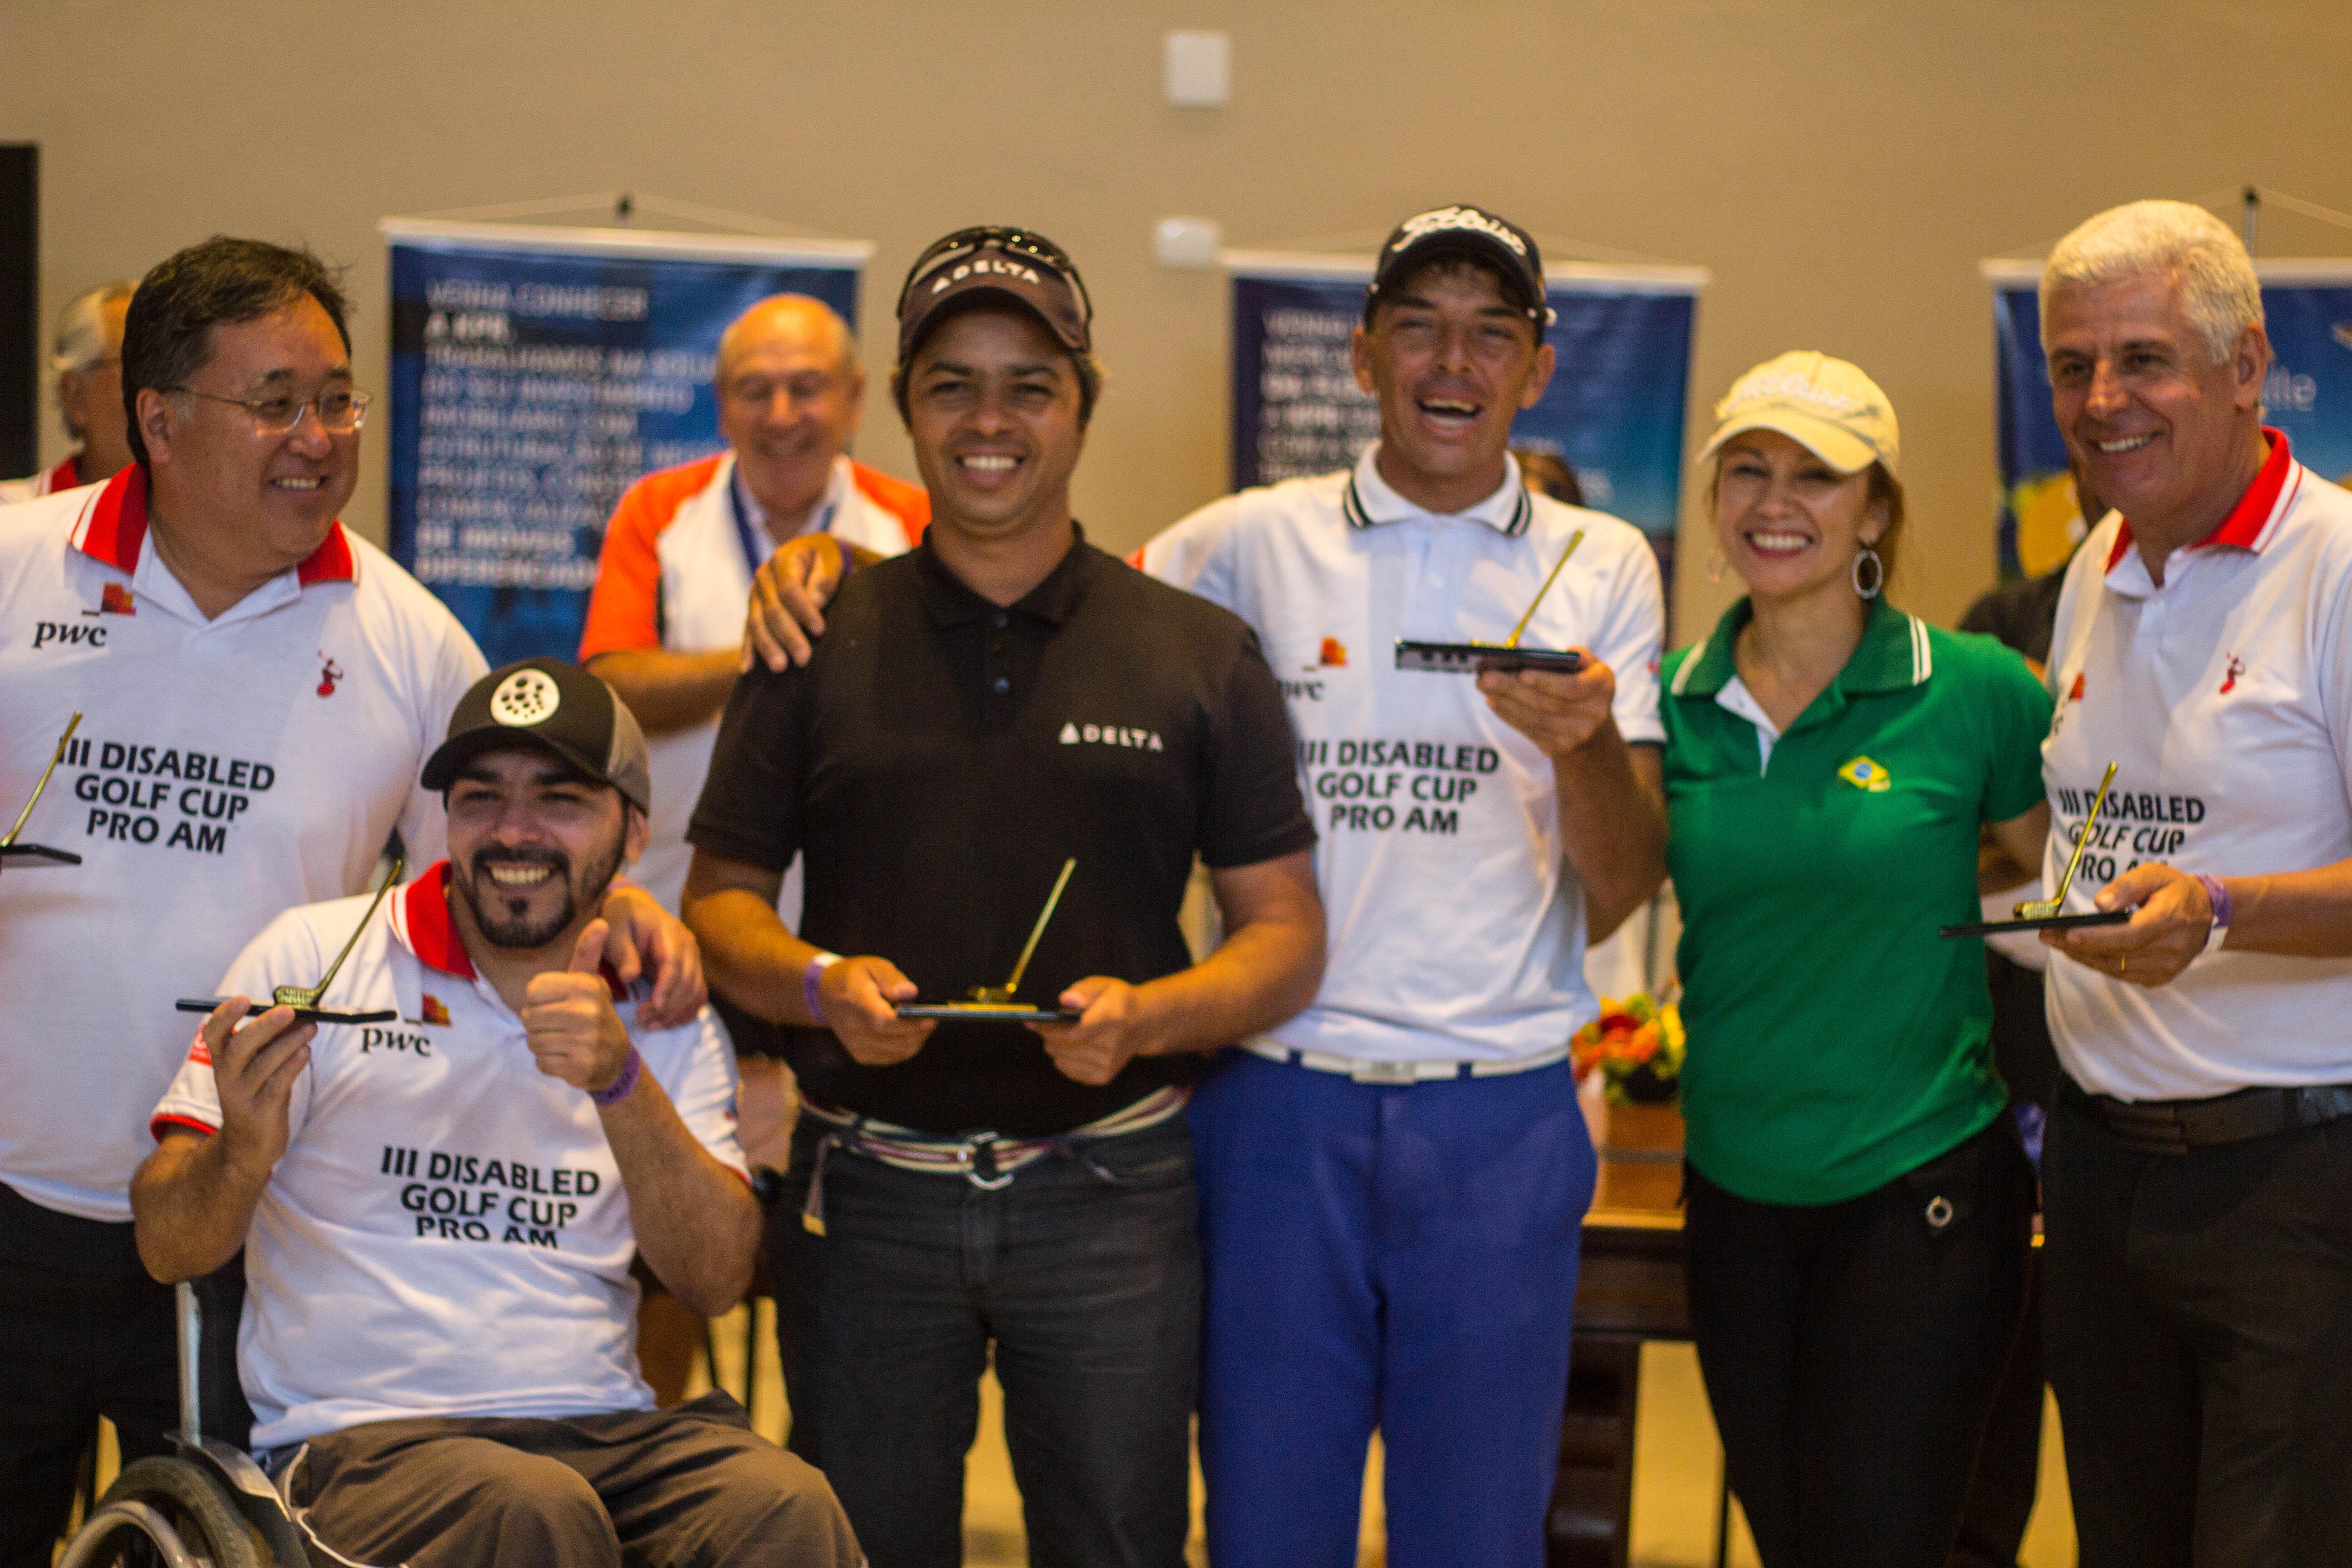 3ª Disabled Golf Cup Pro-Am, em São José dos Campos, mostra força do golfe adaptado no Brasil